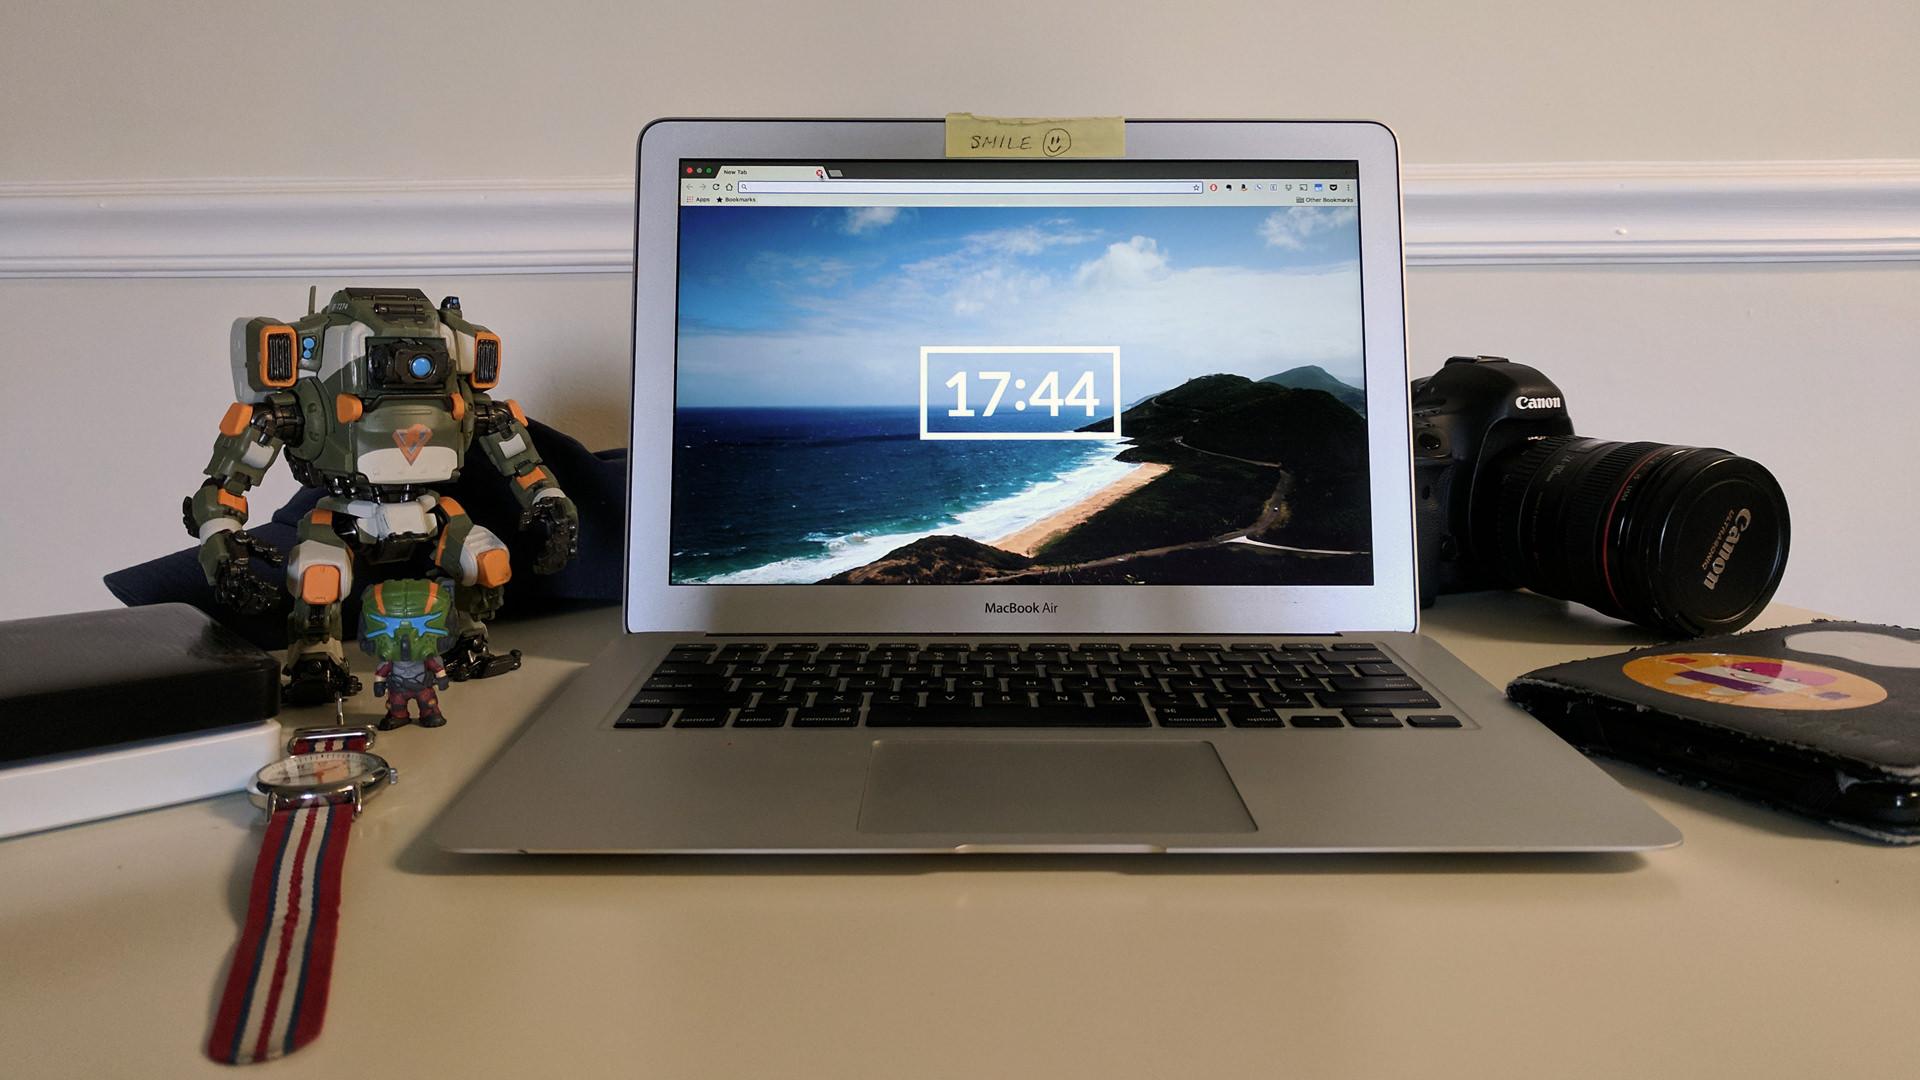 JP_workstation.jpg